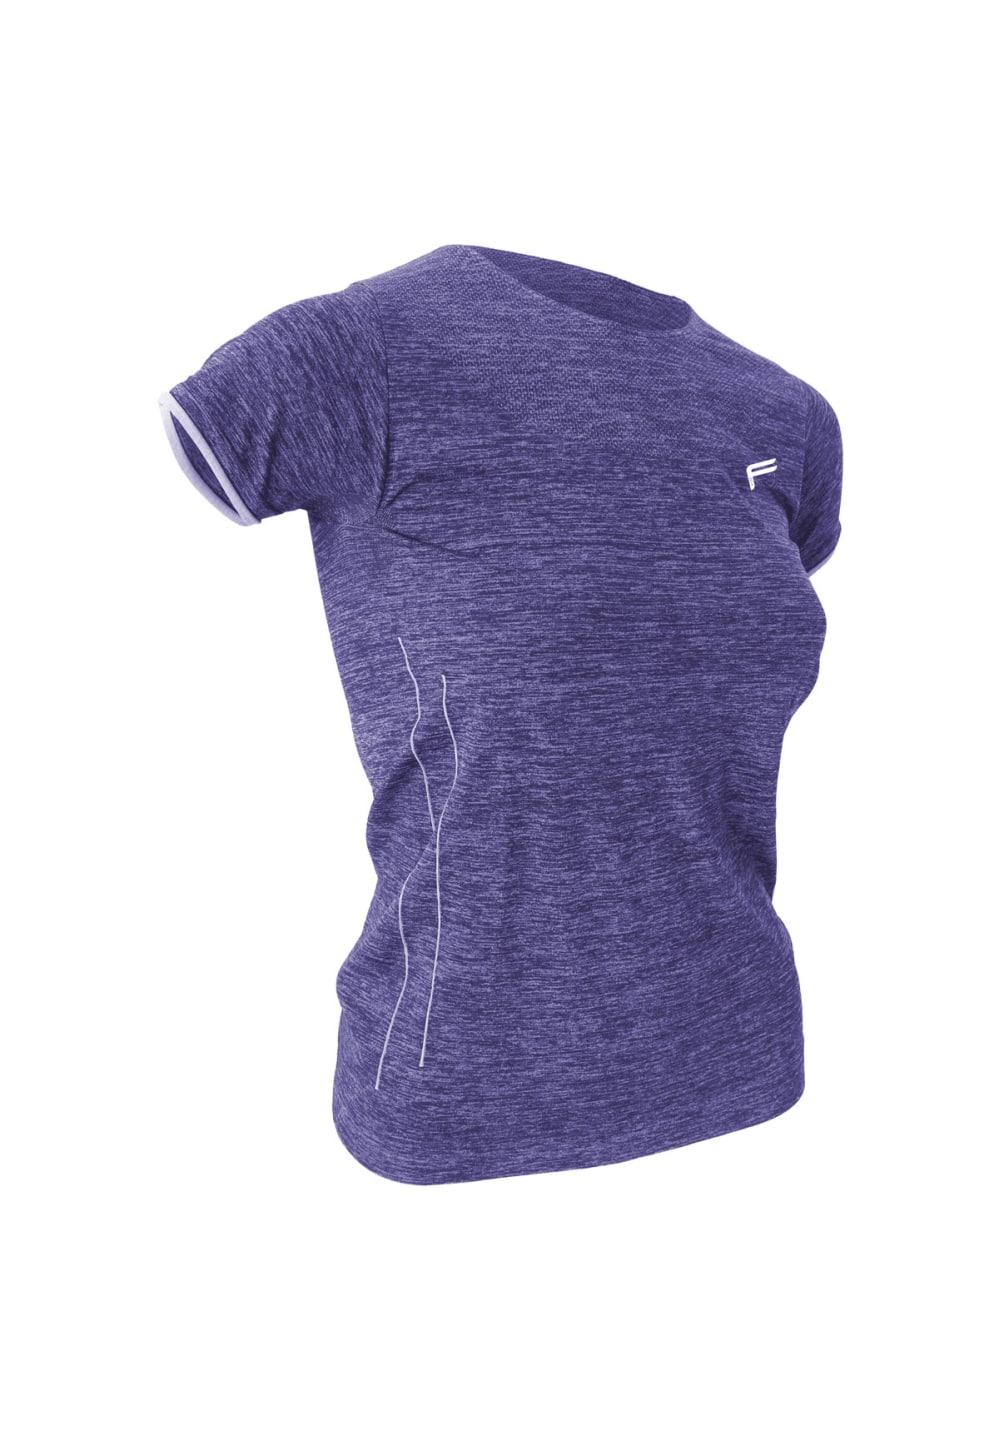 F-Lite Megalight 140 T-Shirt - Funktionsunterwäsche für Damen - Blau